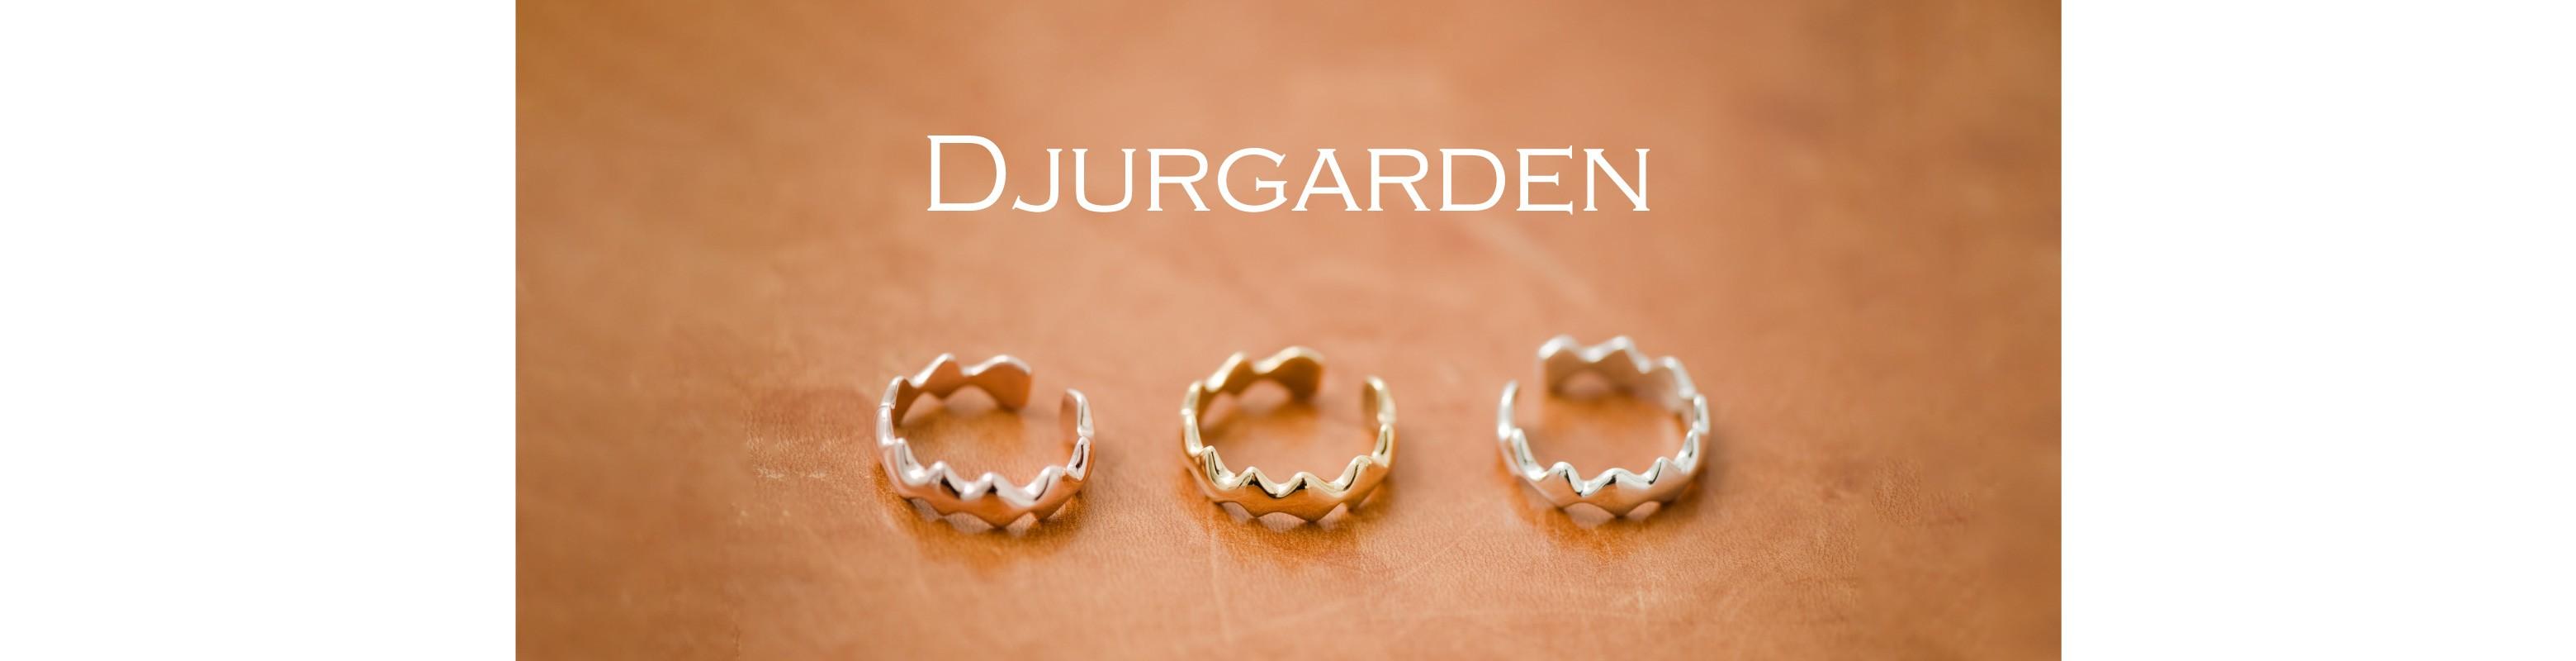 てとひとて Djurgarden